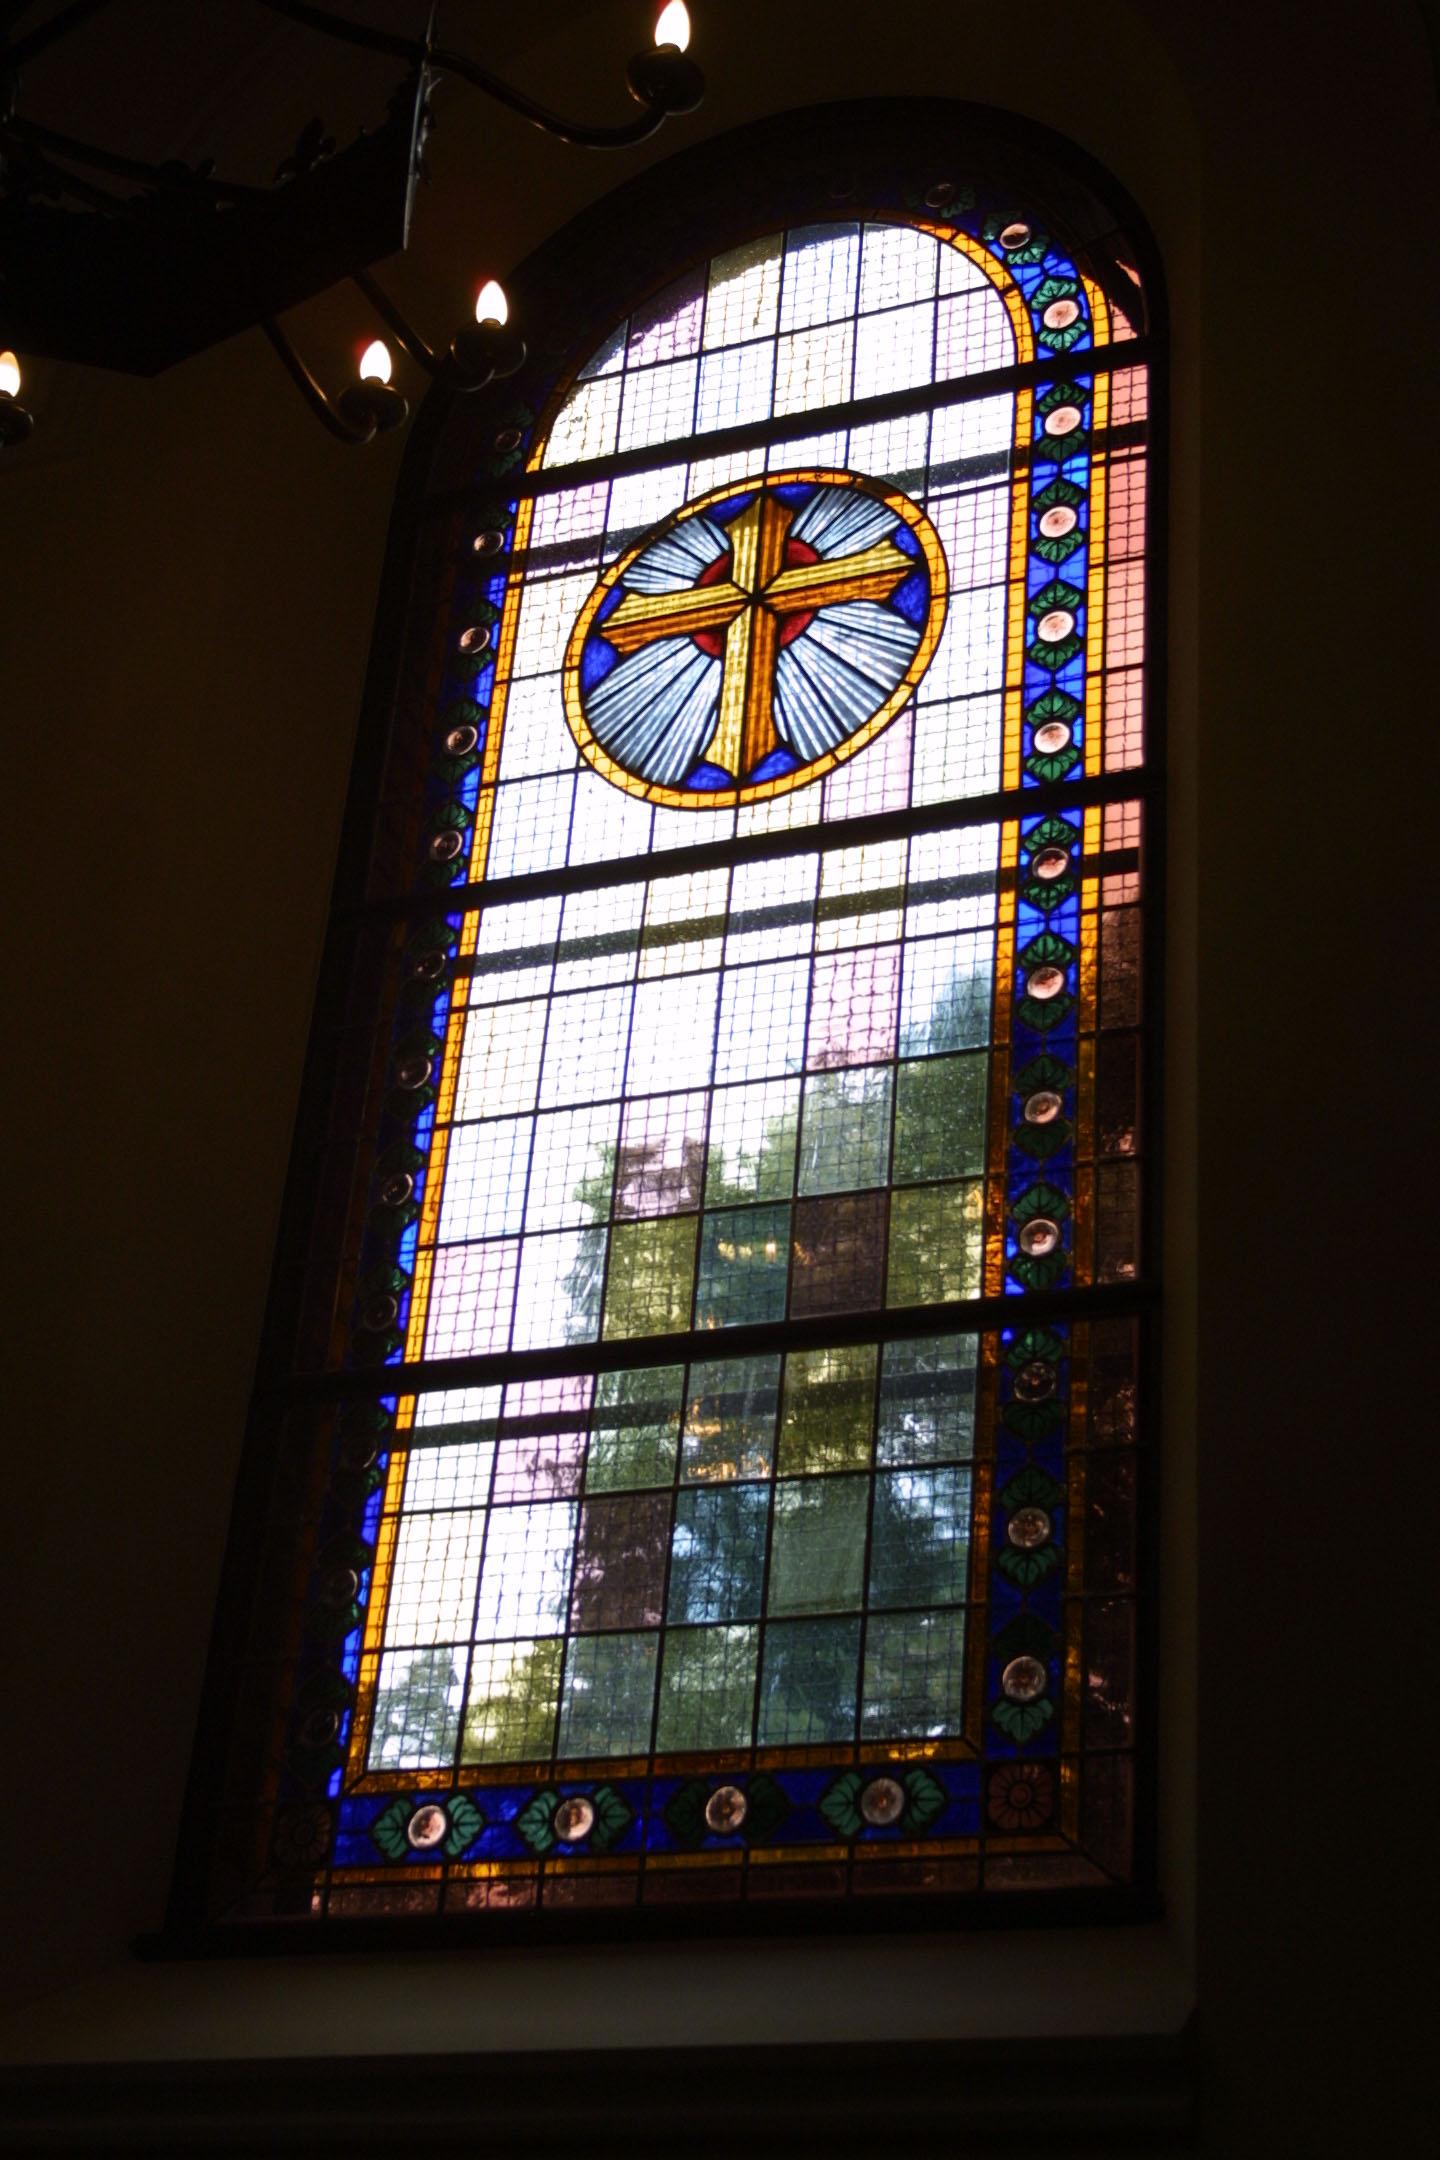 Kirchenfenster der St. Marien am Behnitz, Bleiverglasung und Glasmalerei individuell gefertigt Motiv Kreuz